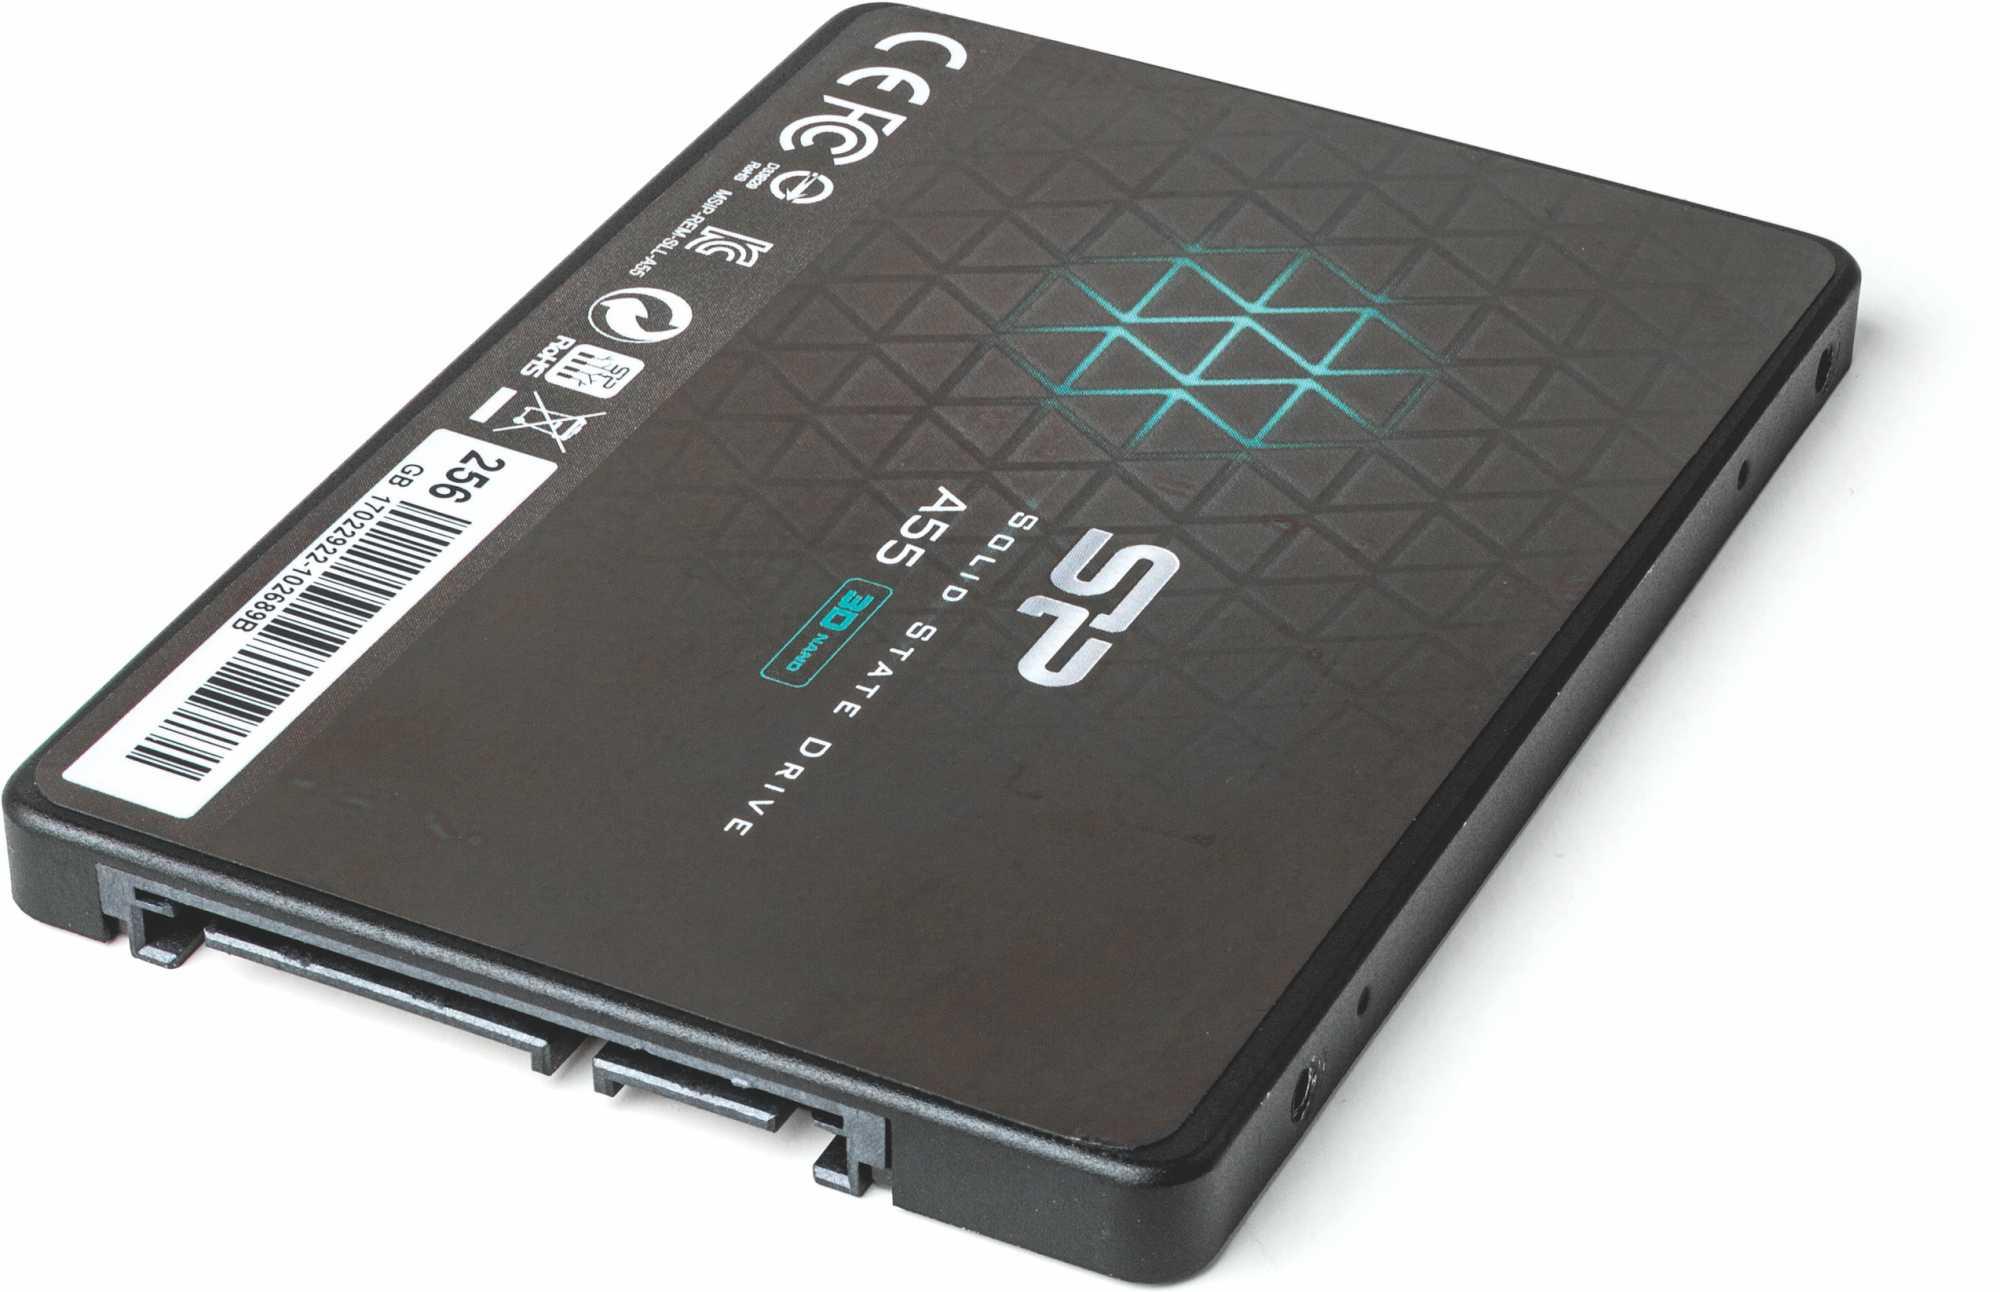 Diese bei eBay gekaufte SSD enthielt als unerwartete Zugabe nicht nur zehntausende Bürgerdaten, sondern auch Zugangsdaten zu diversen Behörden- und Firmenserverdiensten.